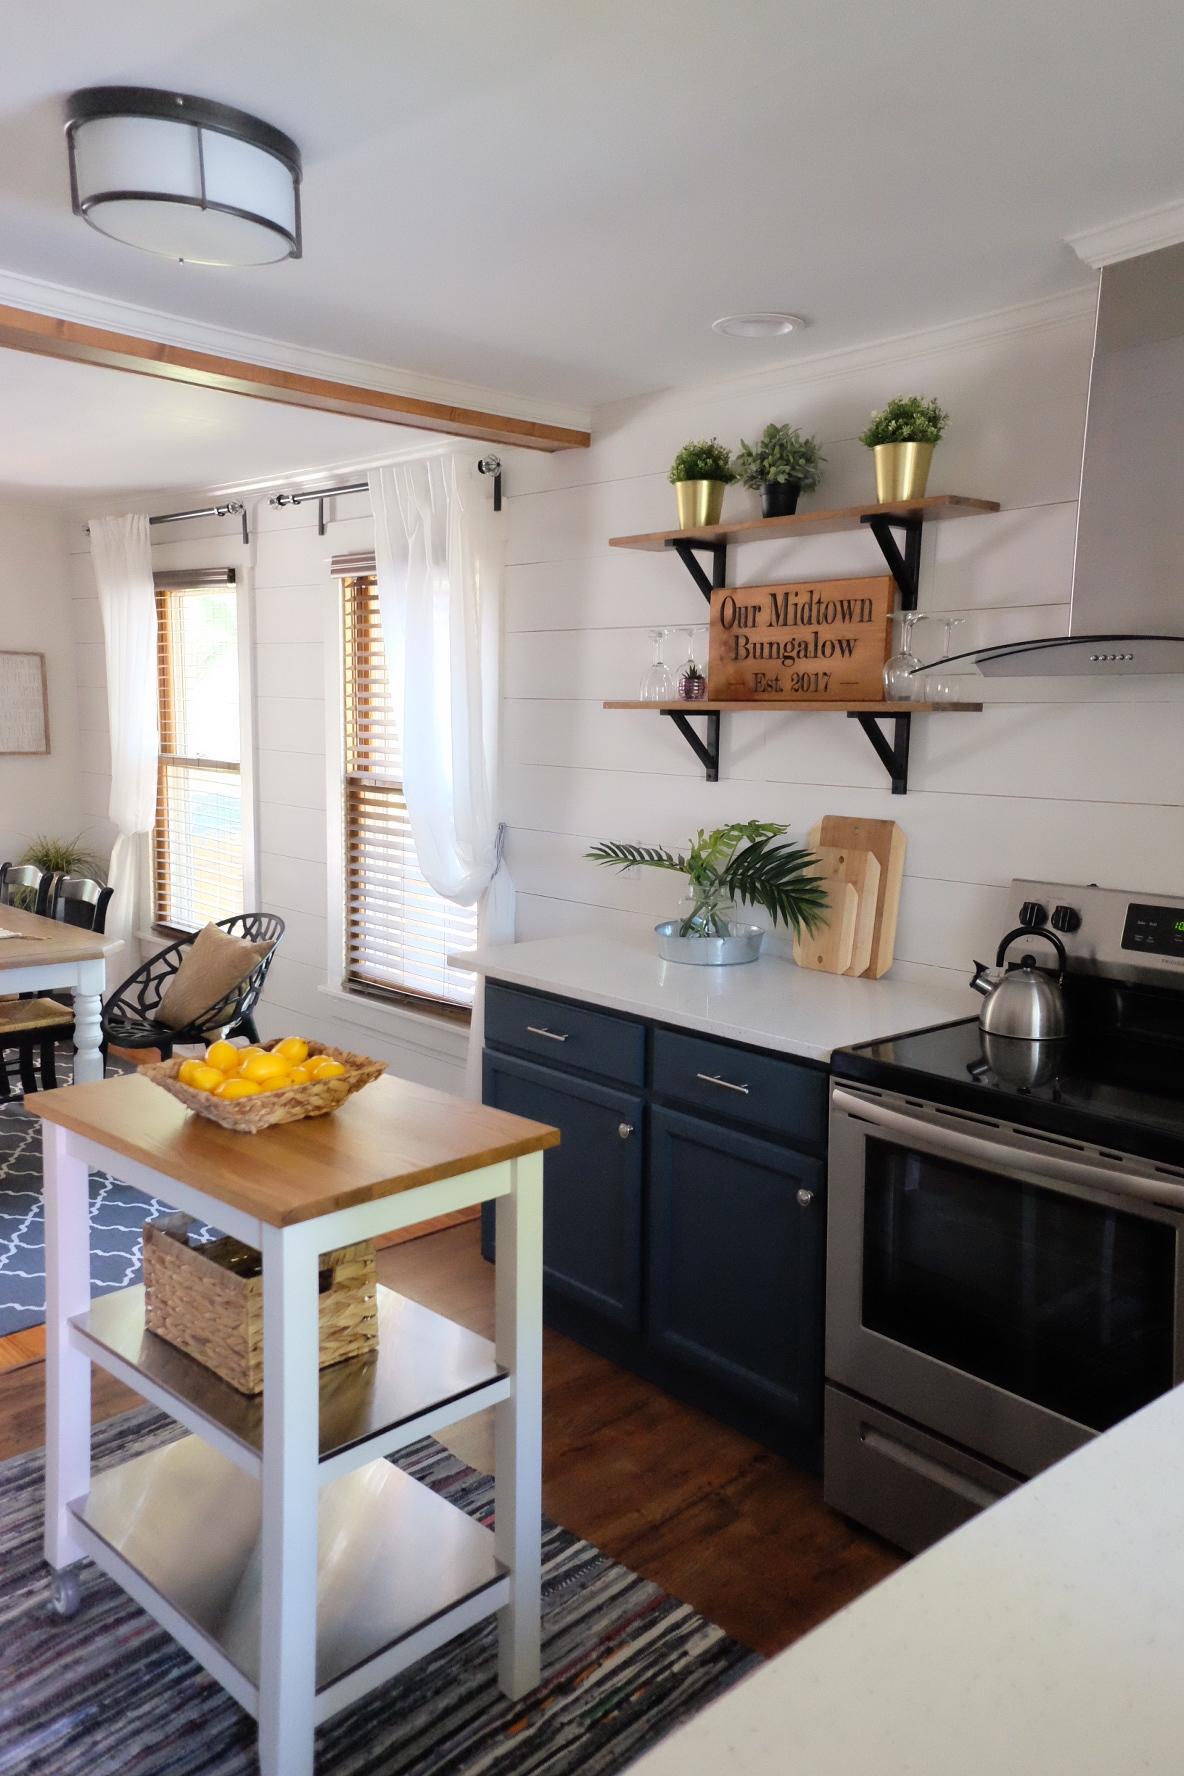 bungalow Airbnb kitchen -     cottagestyleblog